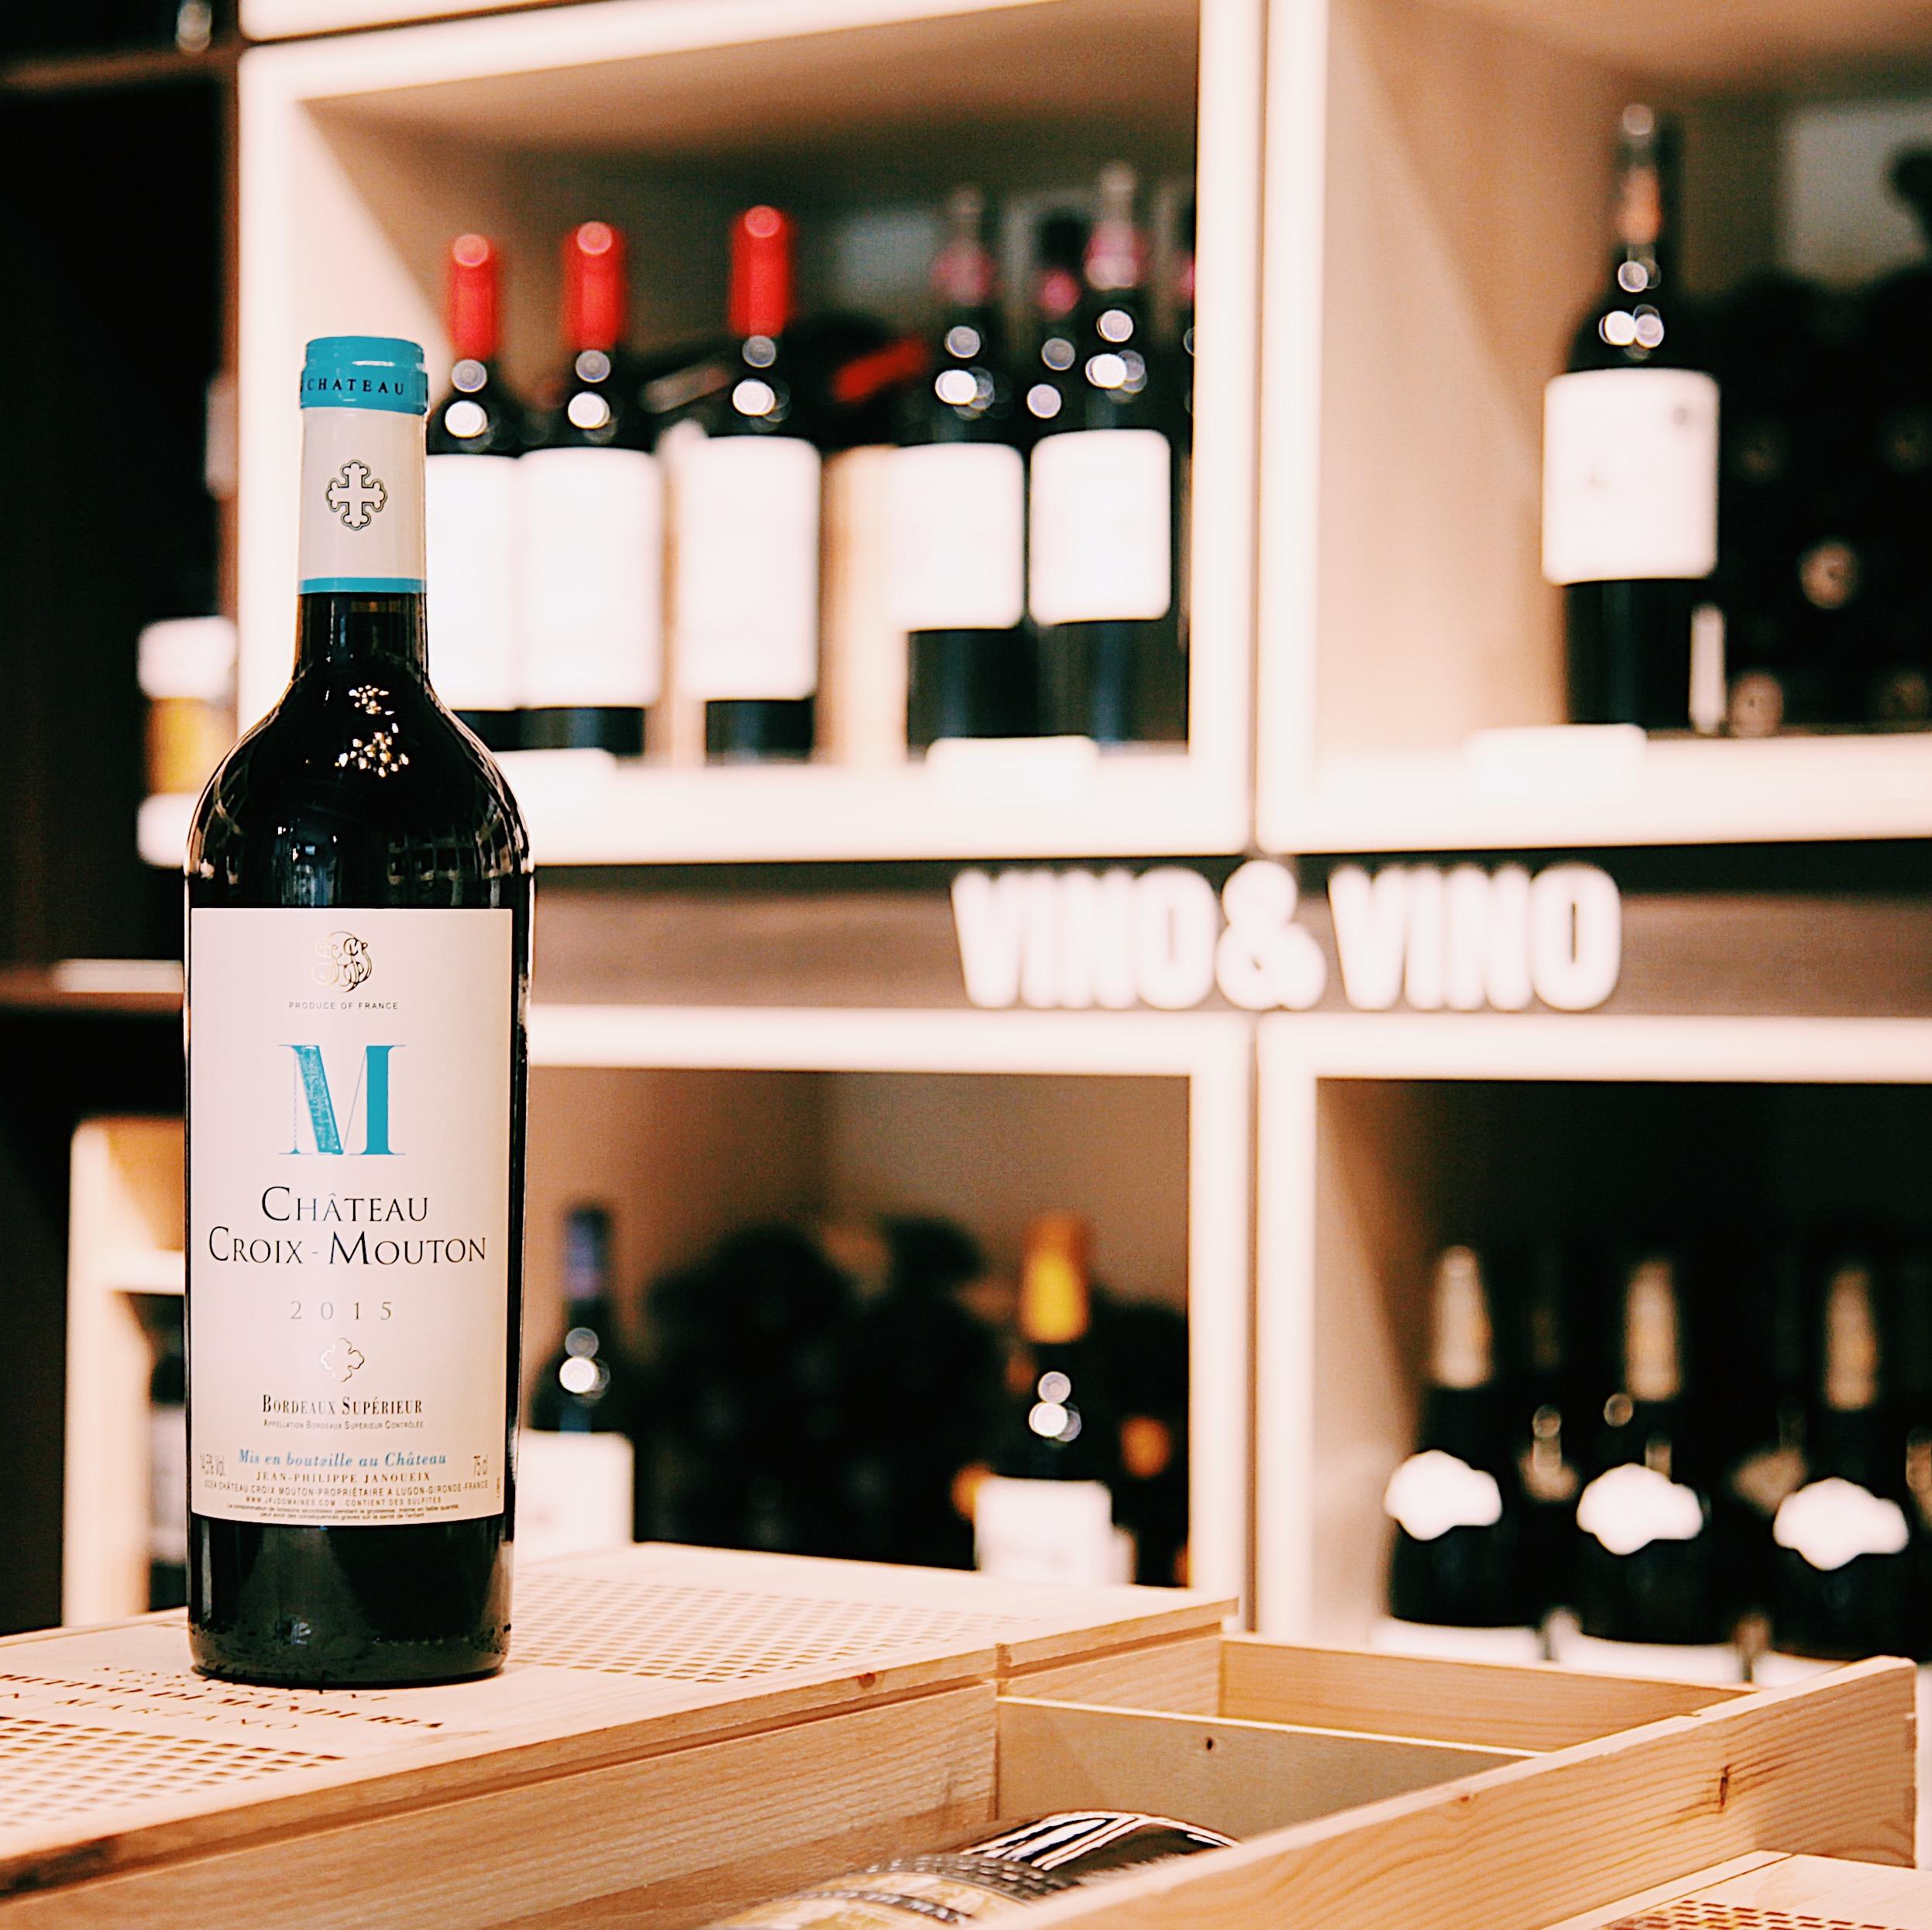 Bordeaux Superior